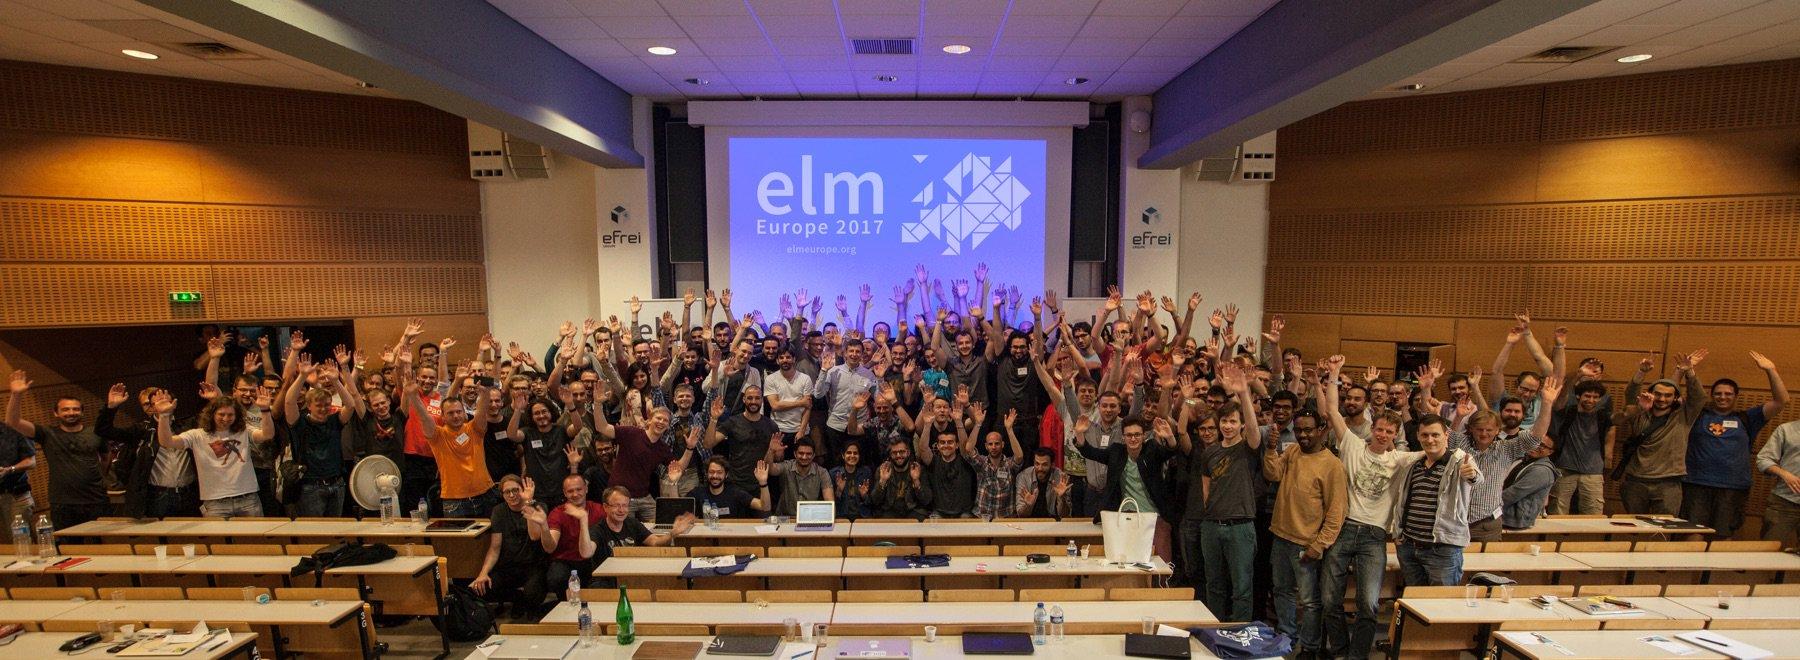 Conférence Elm Europe